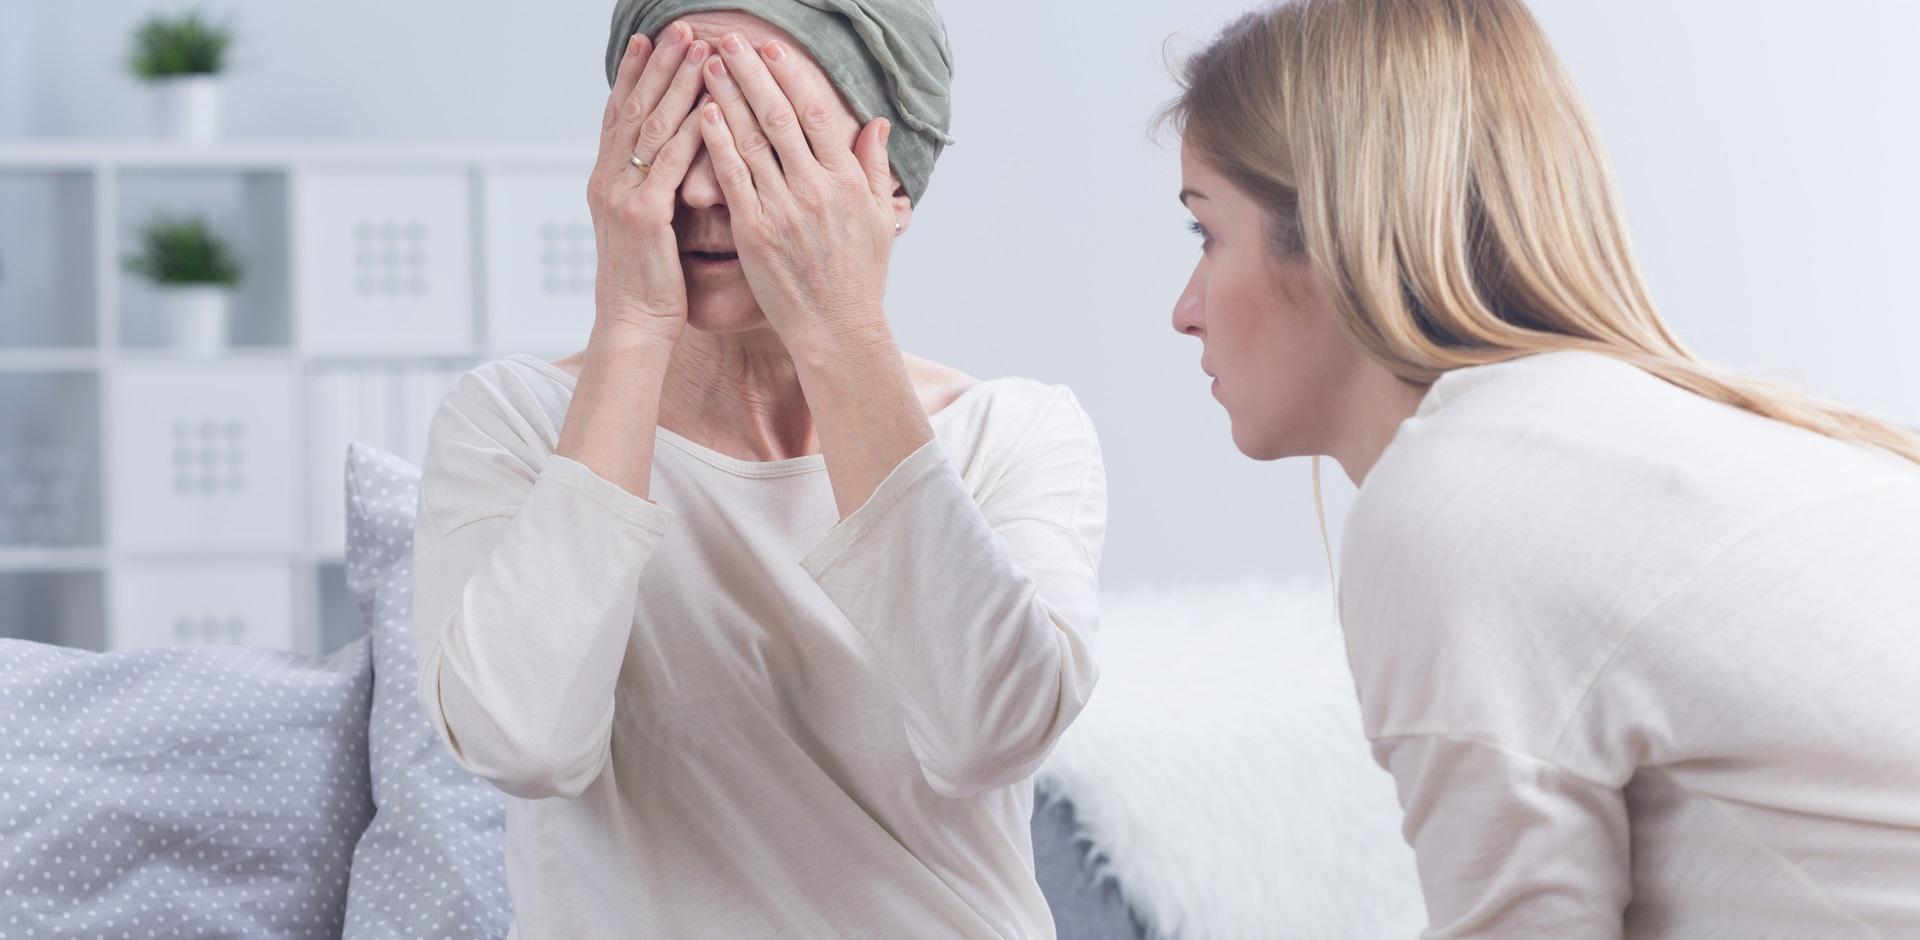 一聽到孩子要離開就生病!該怎麼應對「依賴型父母」?